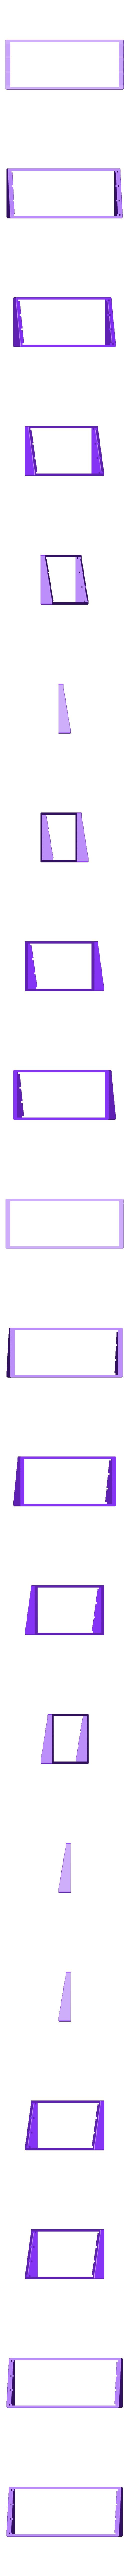 Stand.stl Télécharger fichier STL gratuit Porte-fil pour la couture ou la reliure à la mouche • Design imprimable en 3D, Jakwit